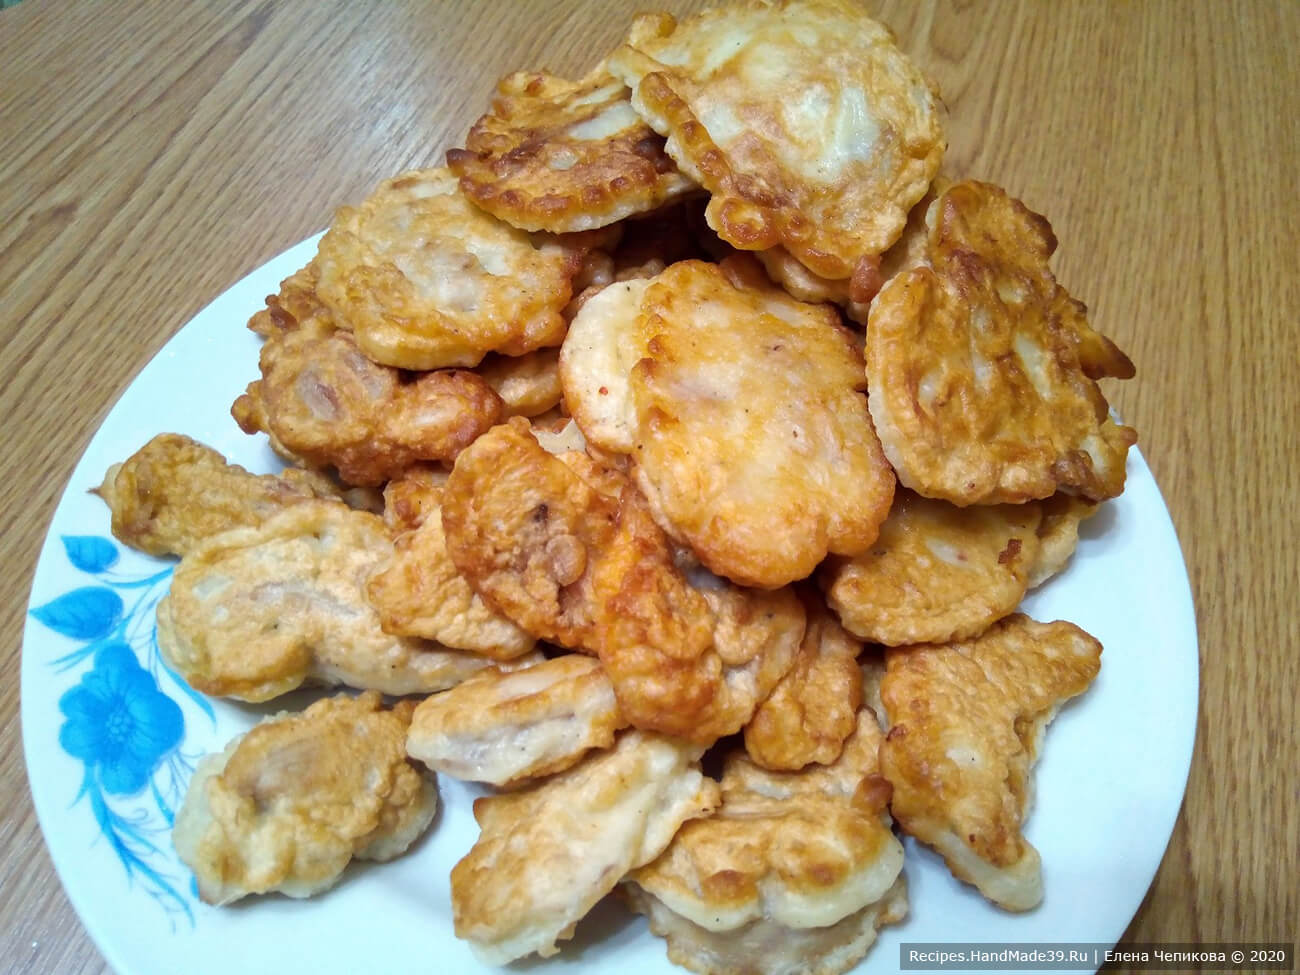 Кусочки курицы на вилке обмакивать в кляр и жарить в кипящем растительном масле до румяной корочки